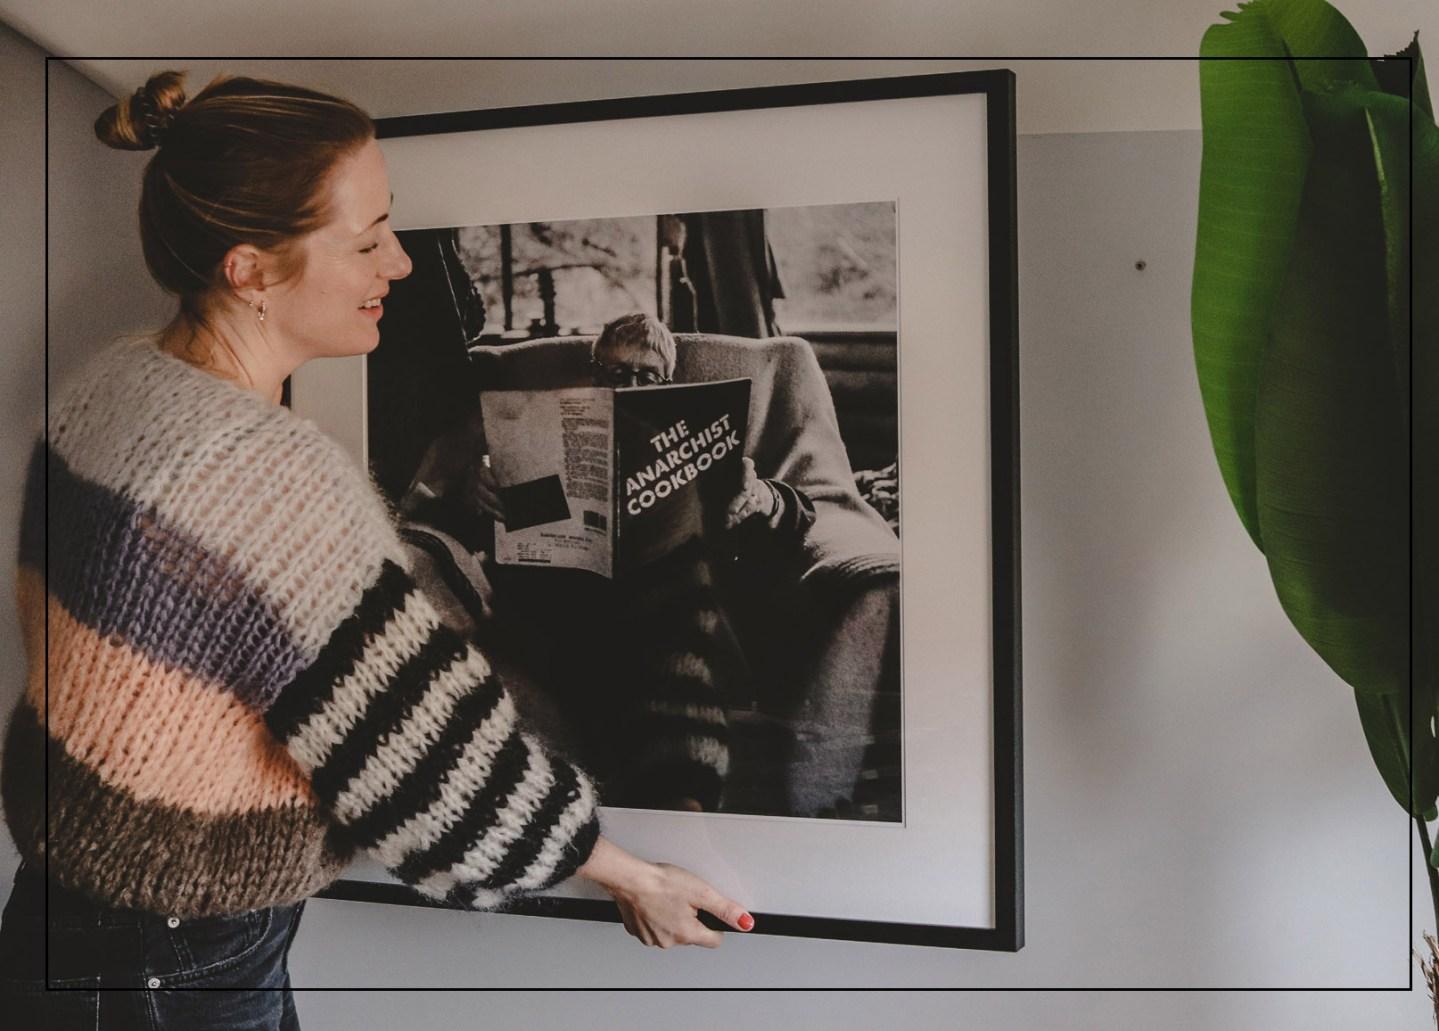 Fotokunst von Lumas in meinem neuen Home Office  Anzeige